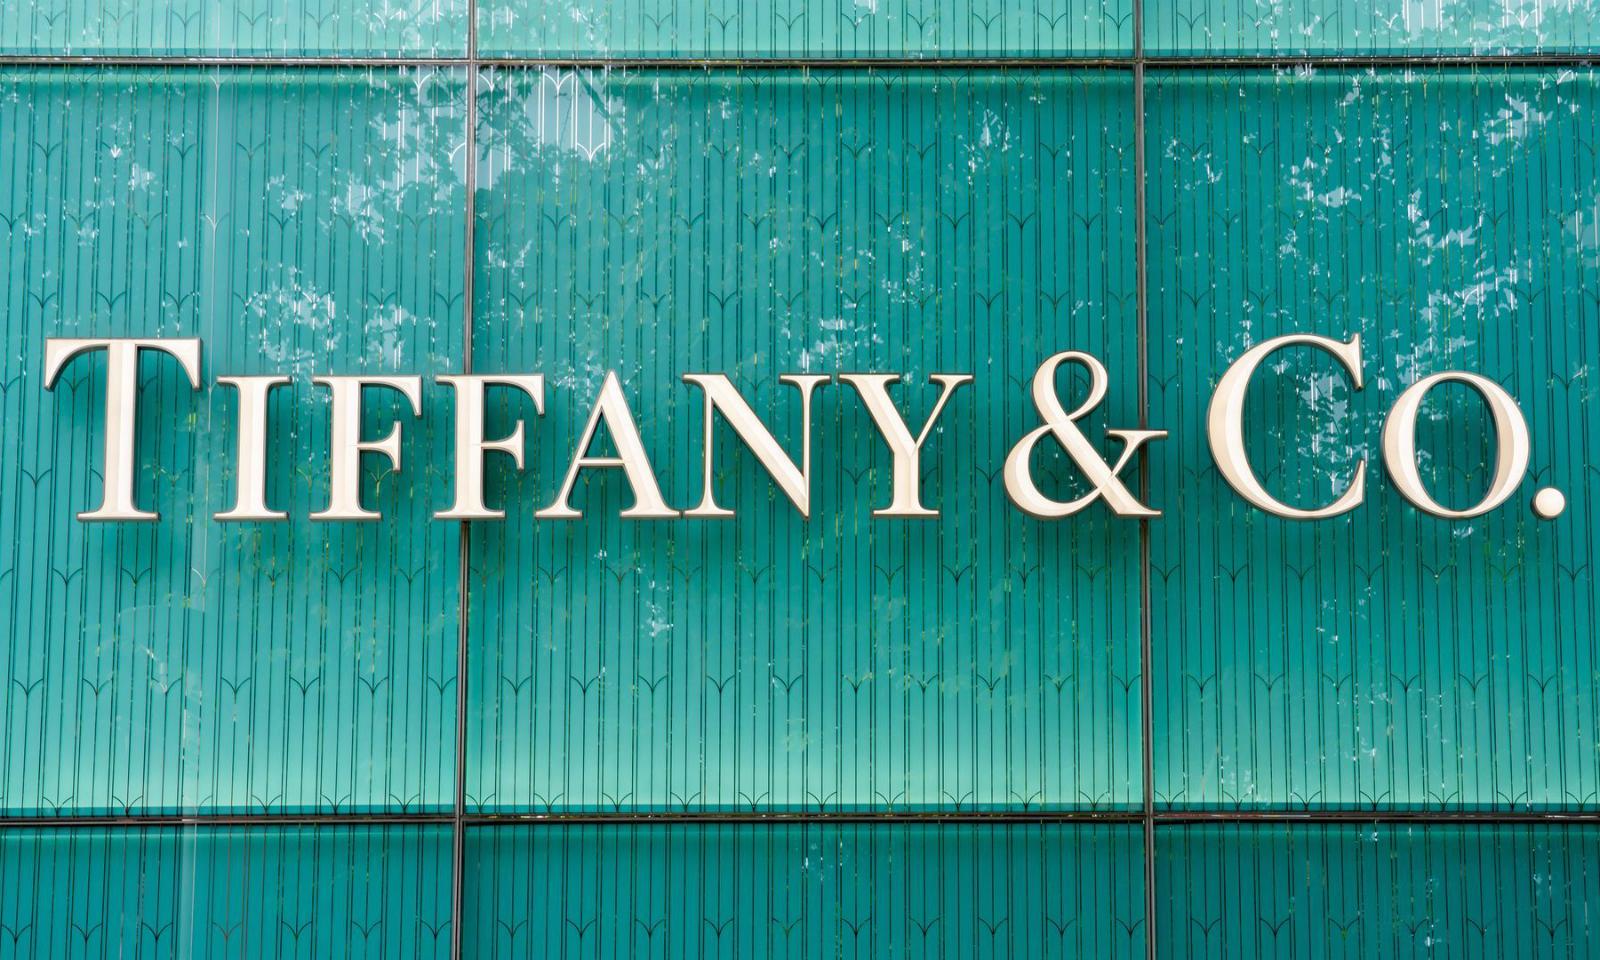 肥皂剧完结,LVMH 正式完成对 Tiffany & Co. 的收购